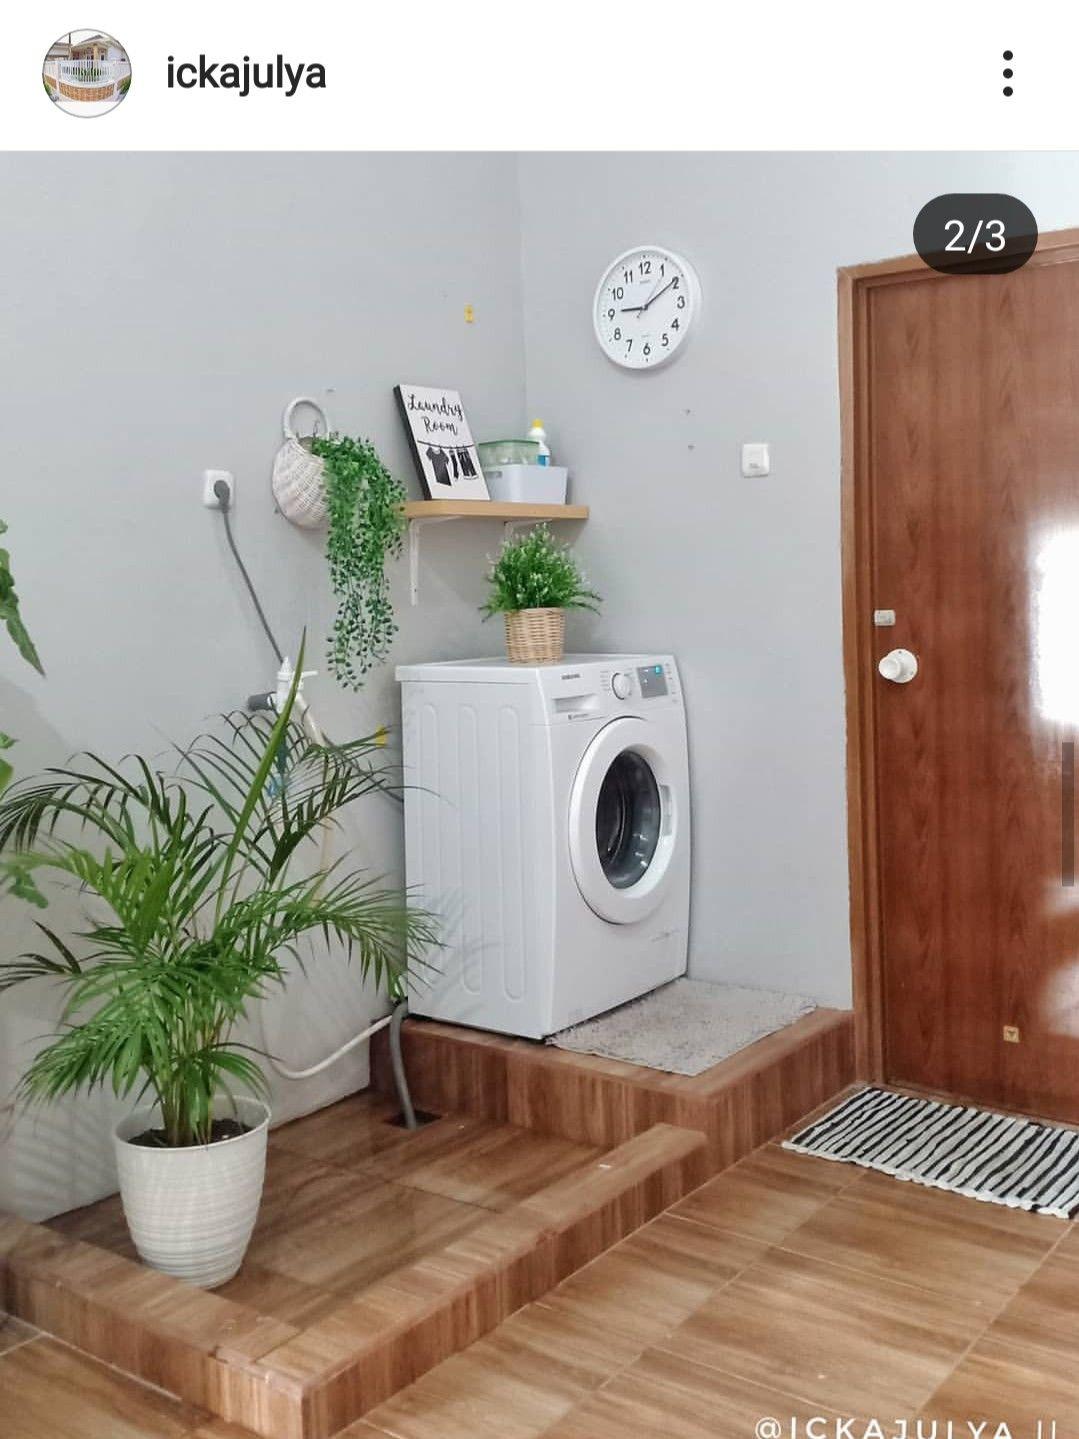 Pin Oleh Didik Sugiyono Di Dapur Di 2020 Ide Kamar Mandi Ruang Cuci Baju Desain